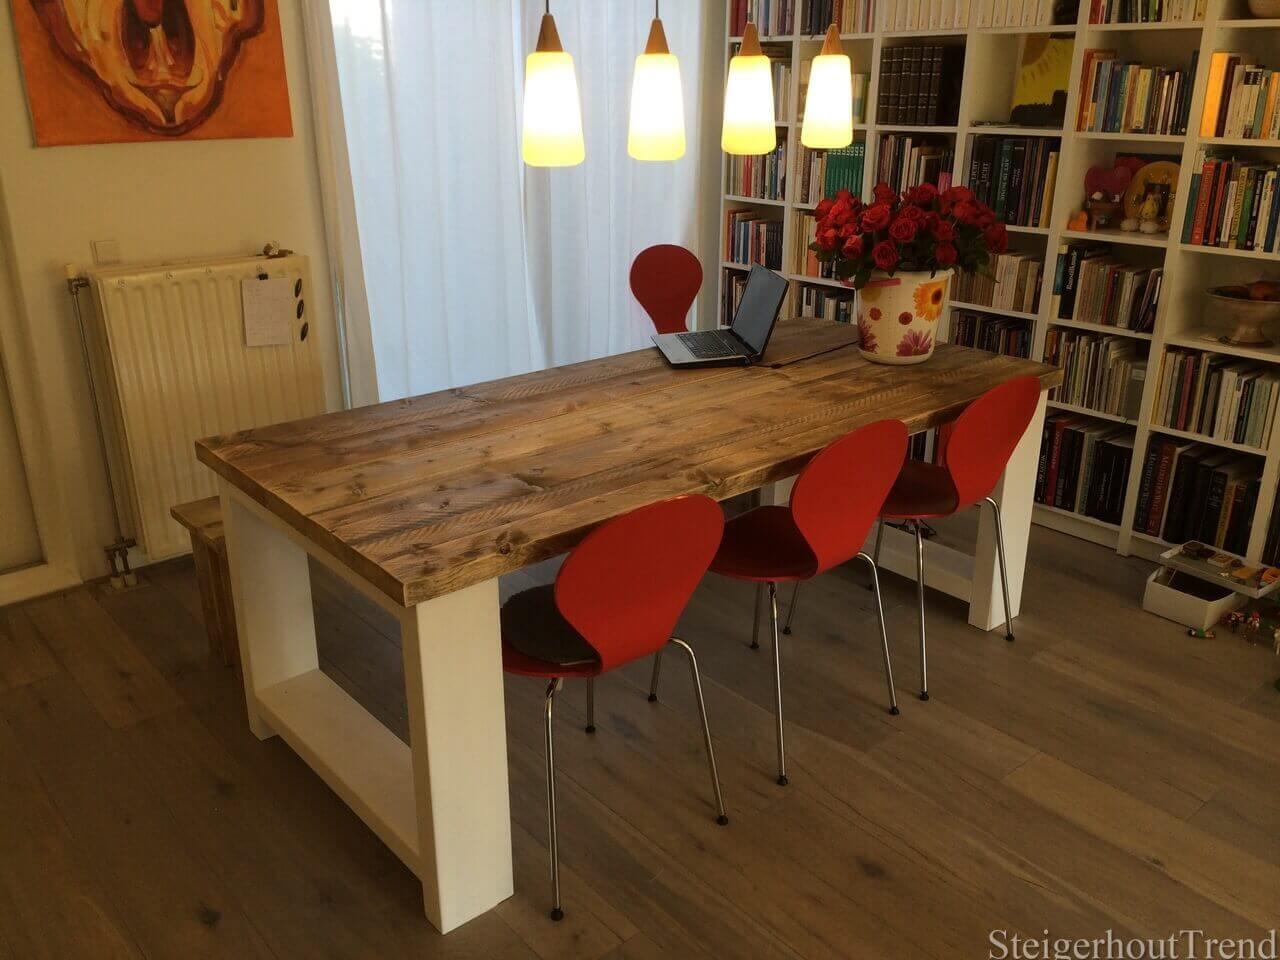 Steigerhouten tafel tula steigerhouttrend - Ruimte model kamer houten ...